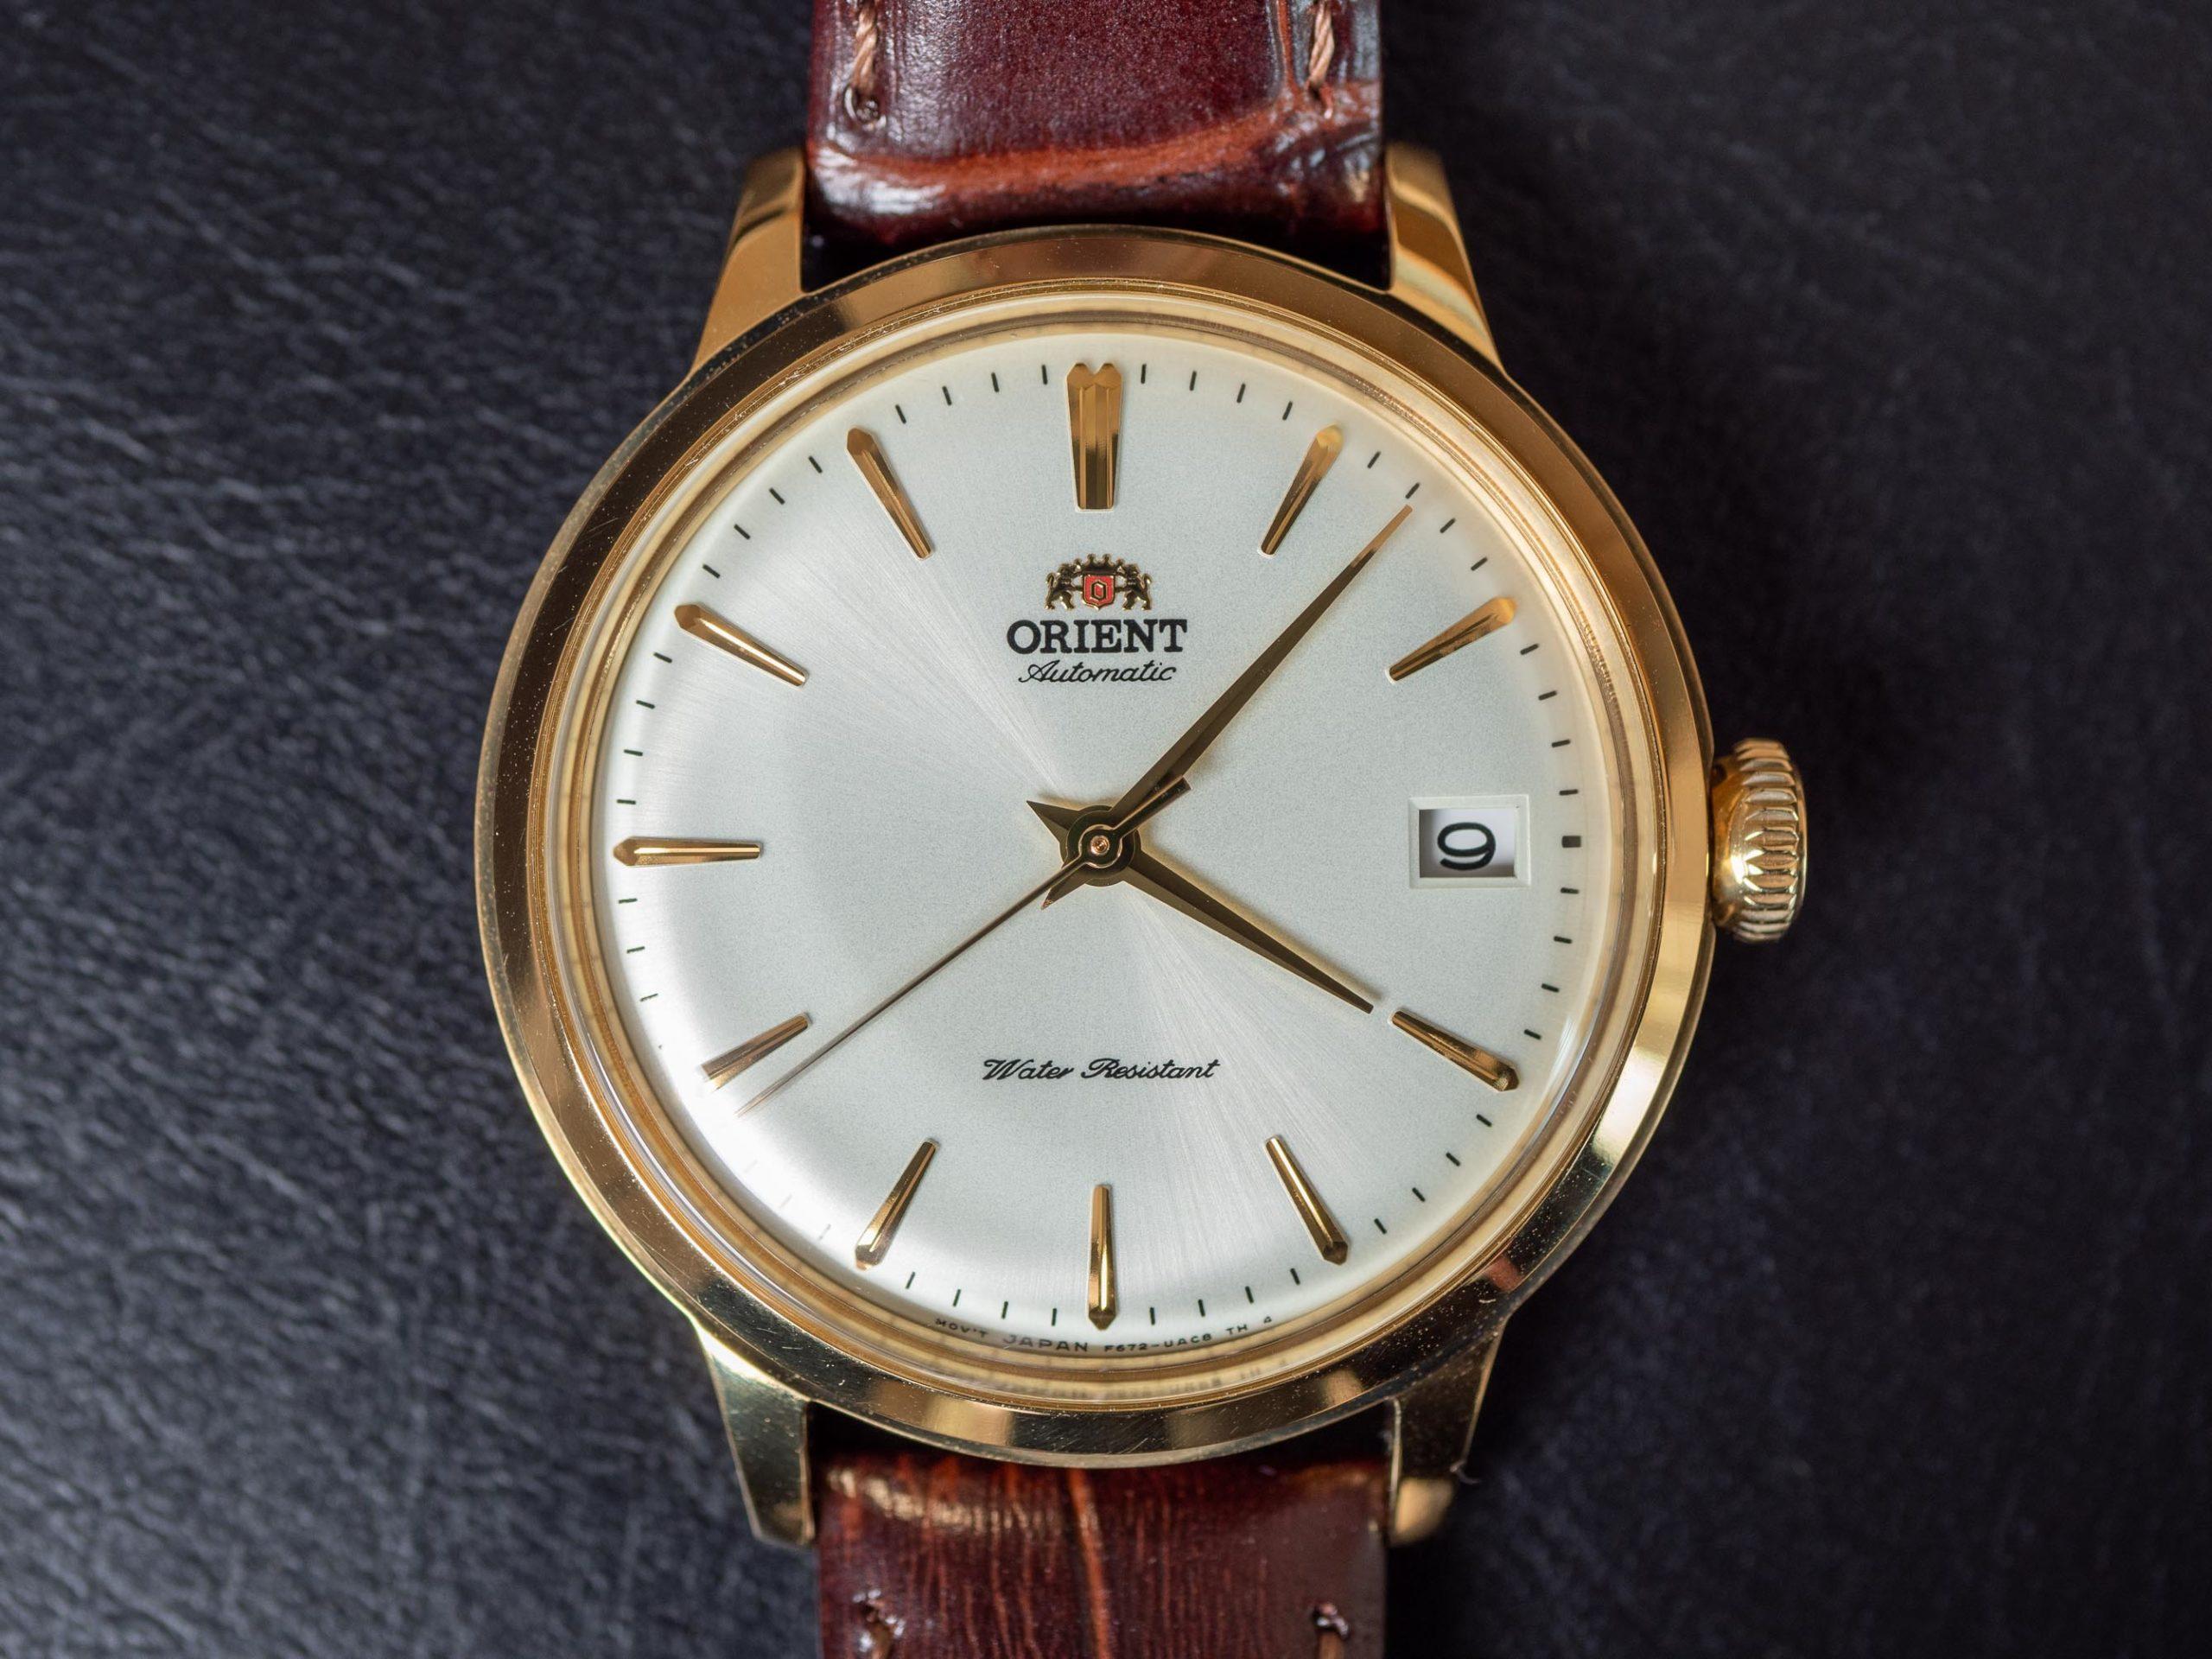 Orient Bambino 36 white dial